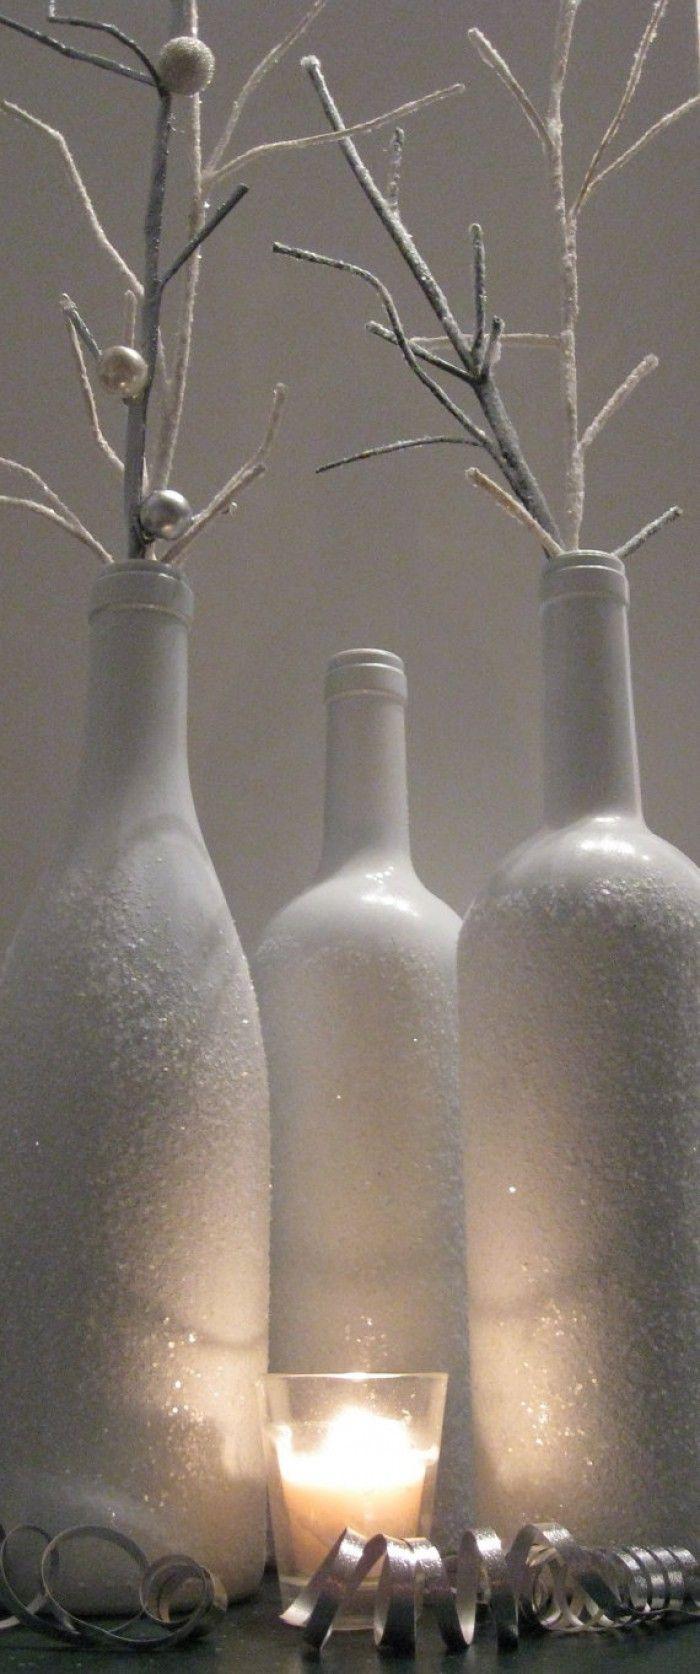 Wijnflessen: Eerst het etiket eraf halen en goed de fles droogmaken. Vervolgens wit maken met spuitbusverf, dit weer goed laten drogen. Hierna lijmspray gebruiken en vervolgens door glitter of grof zeezout rollen